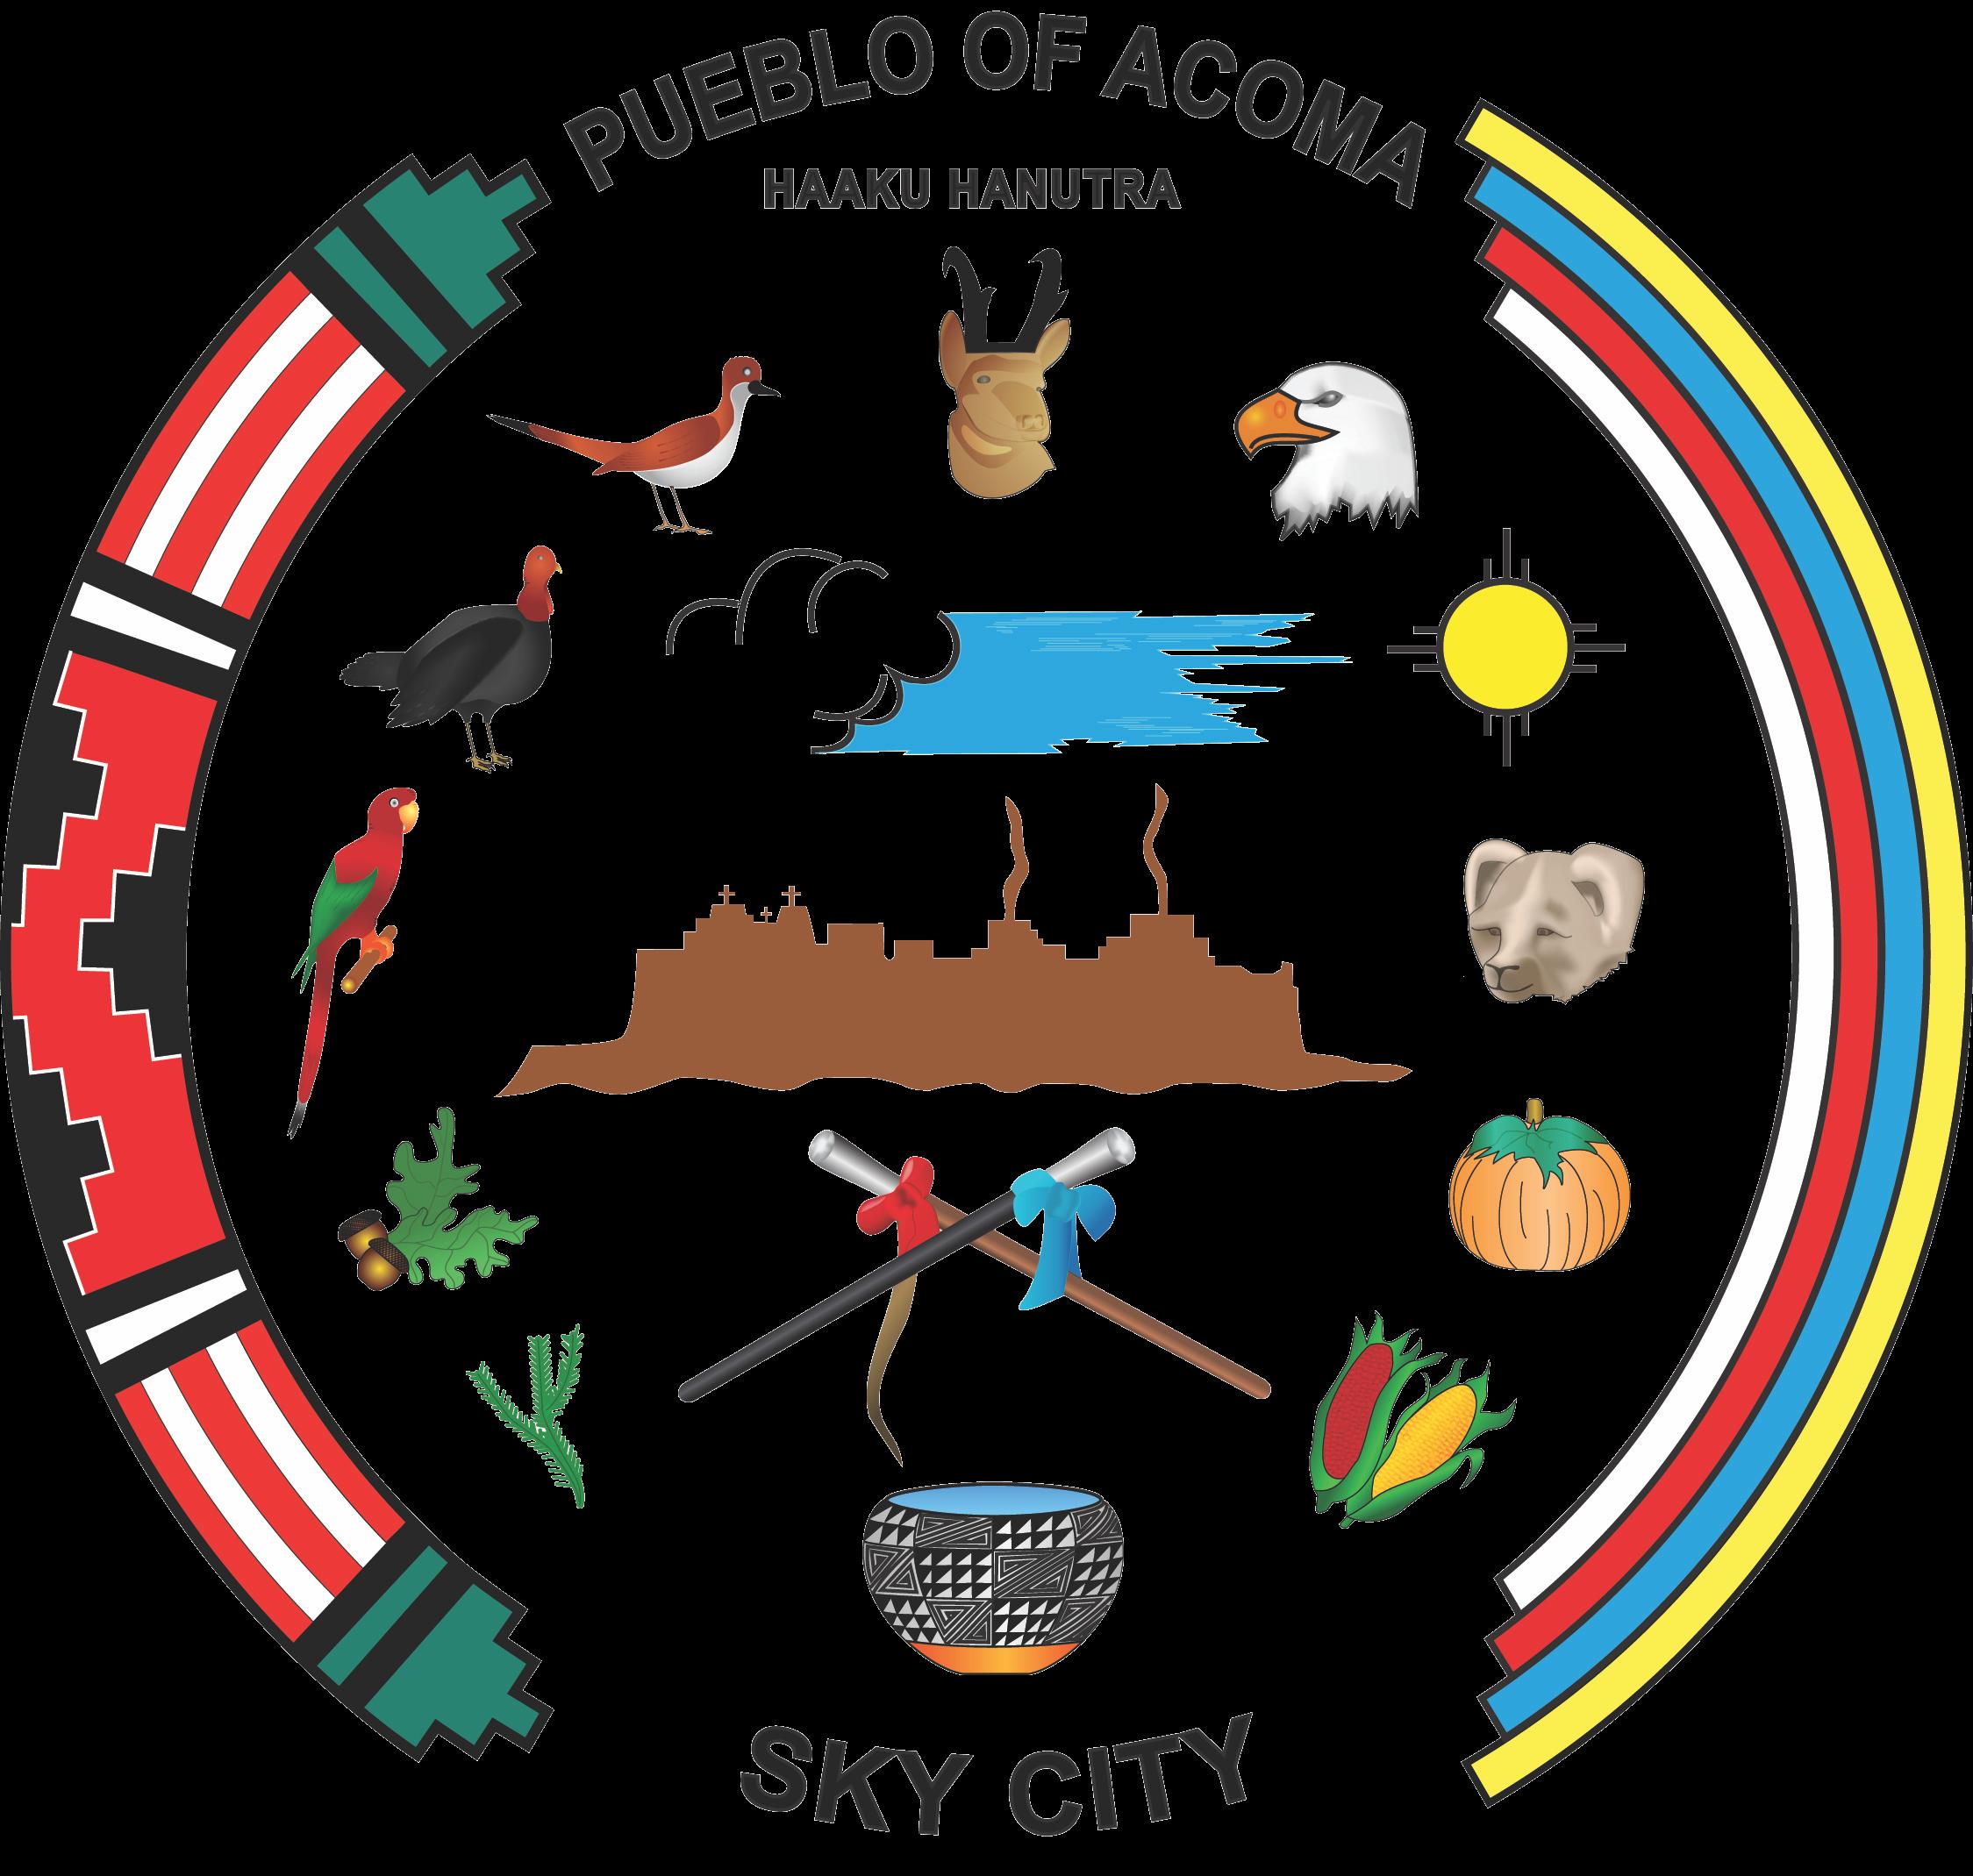 pueblo of acoma seal